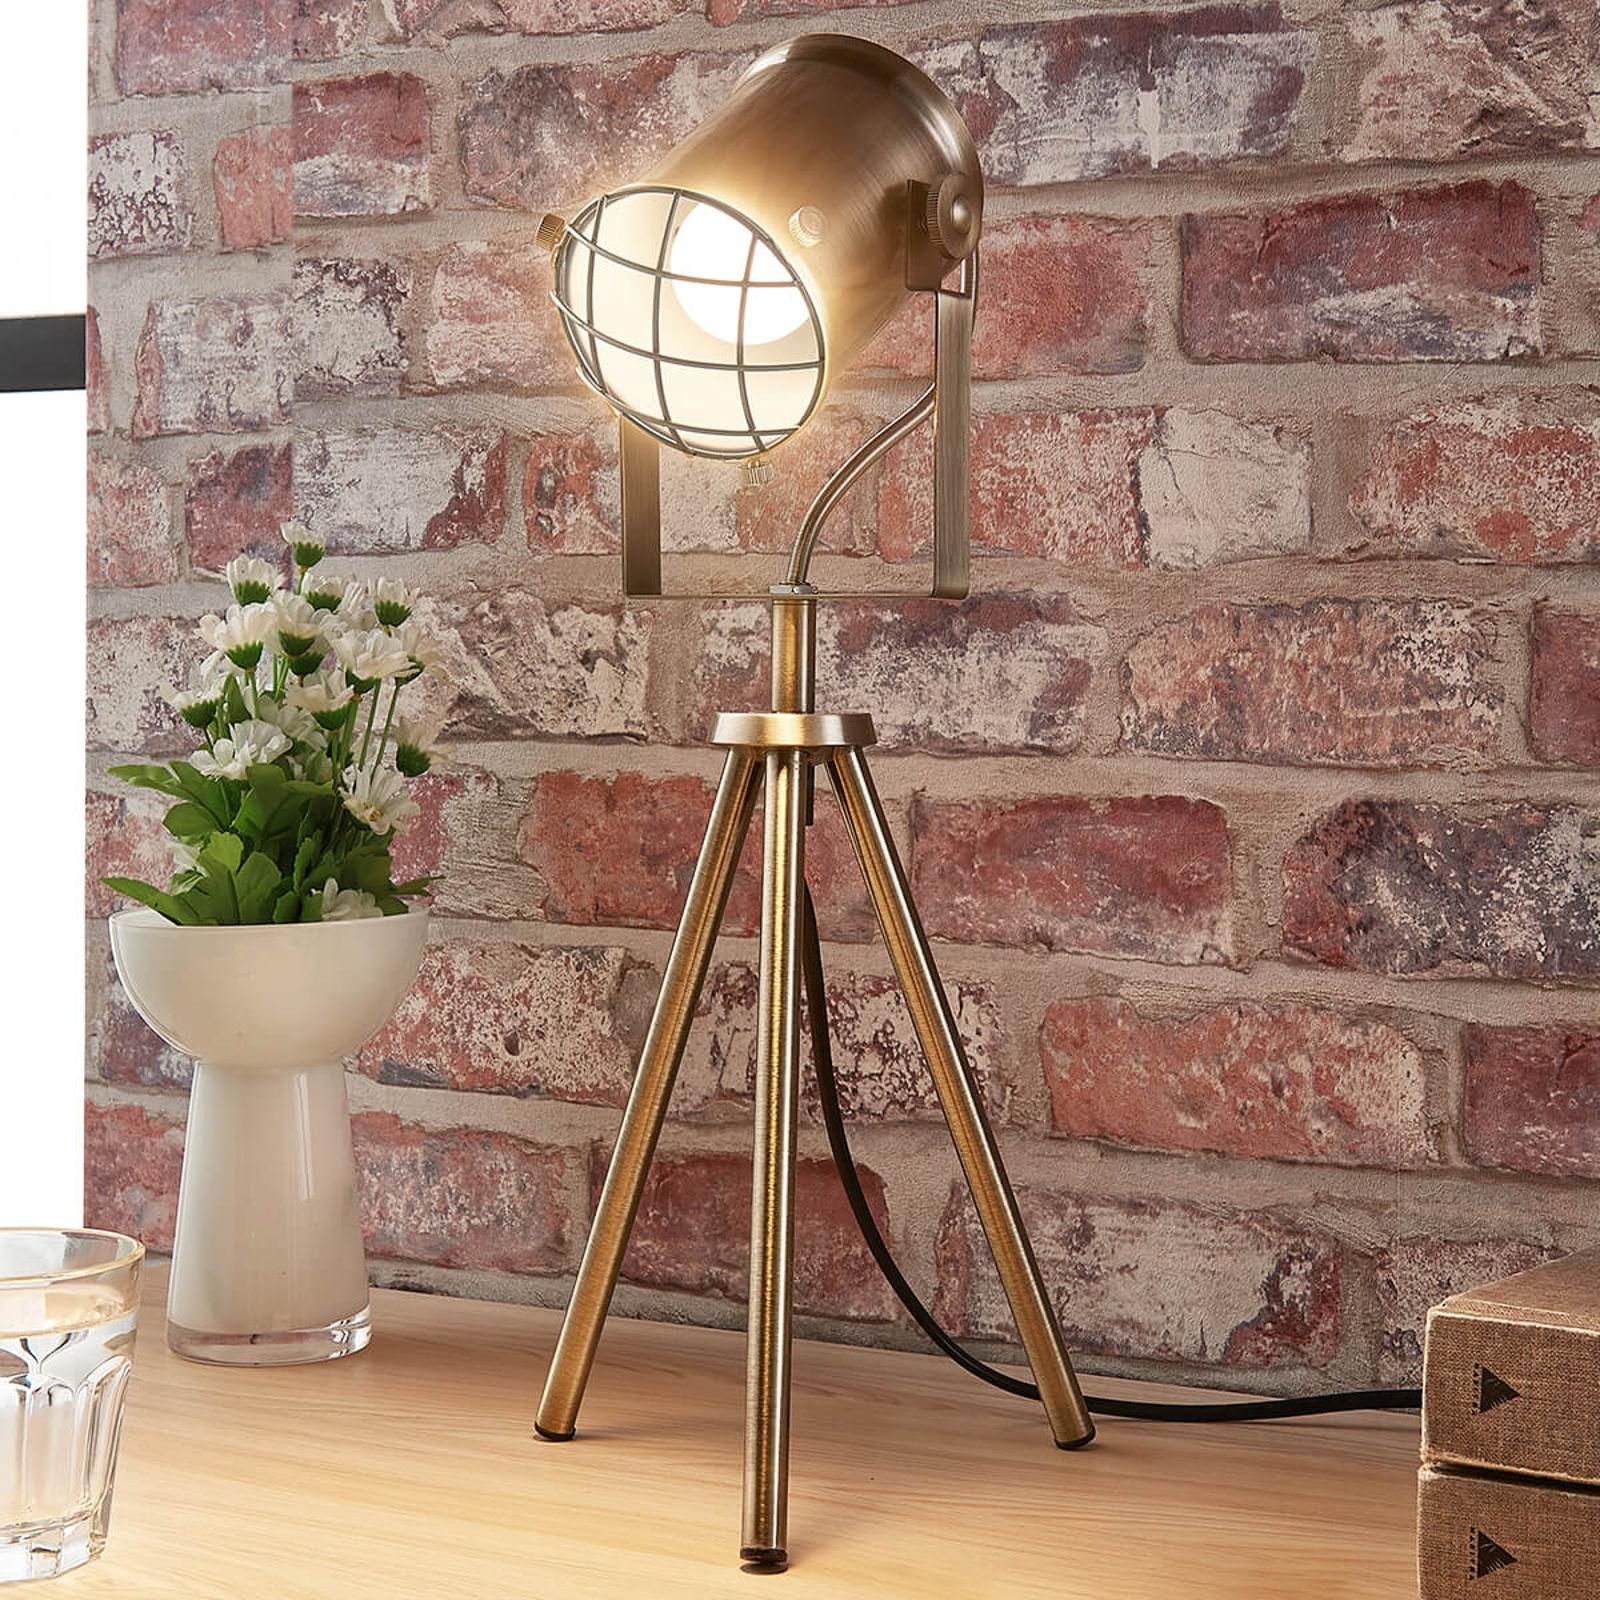 Lampa stołowa Ebbi, industrialna, stary mosiądz